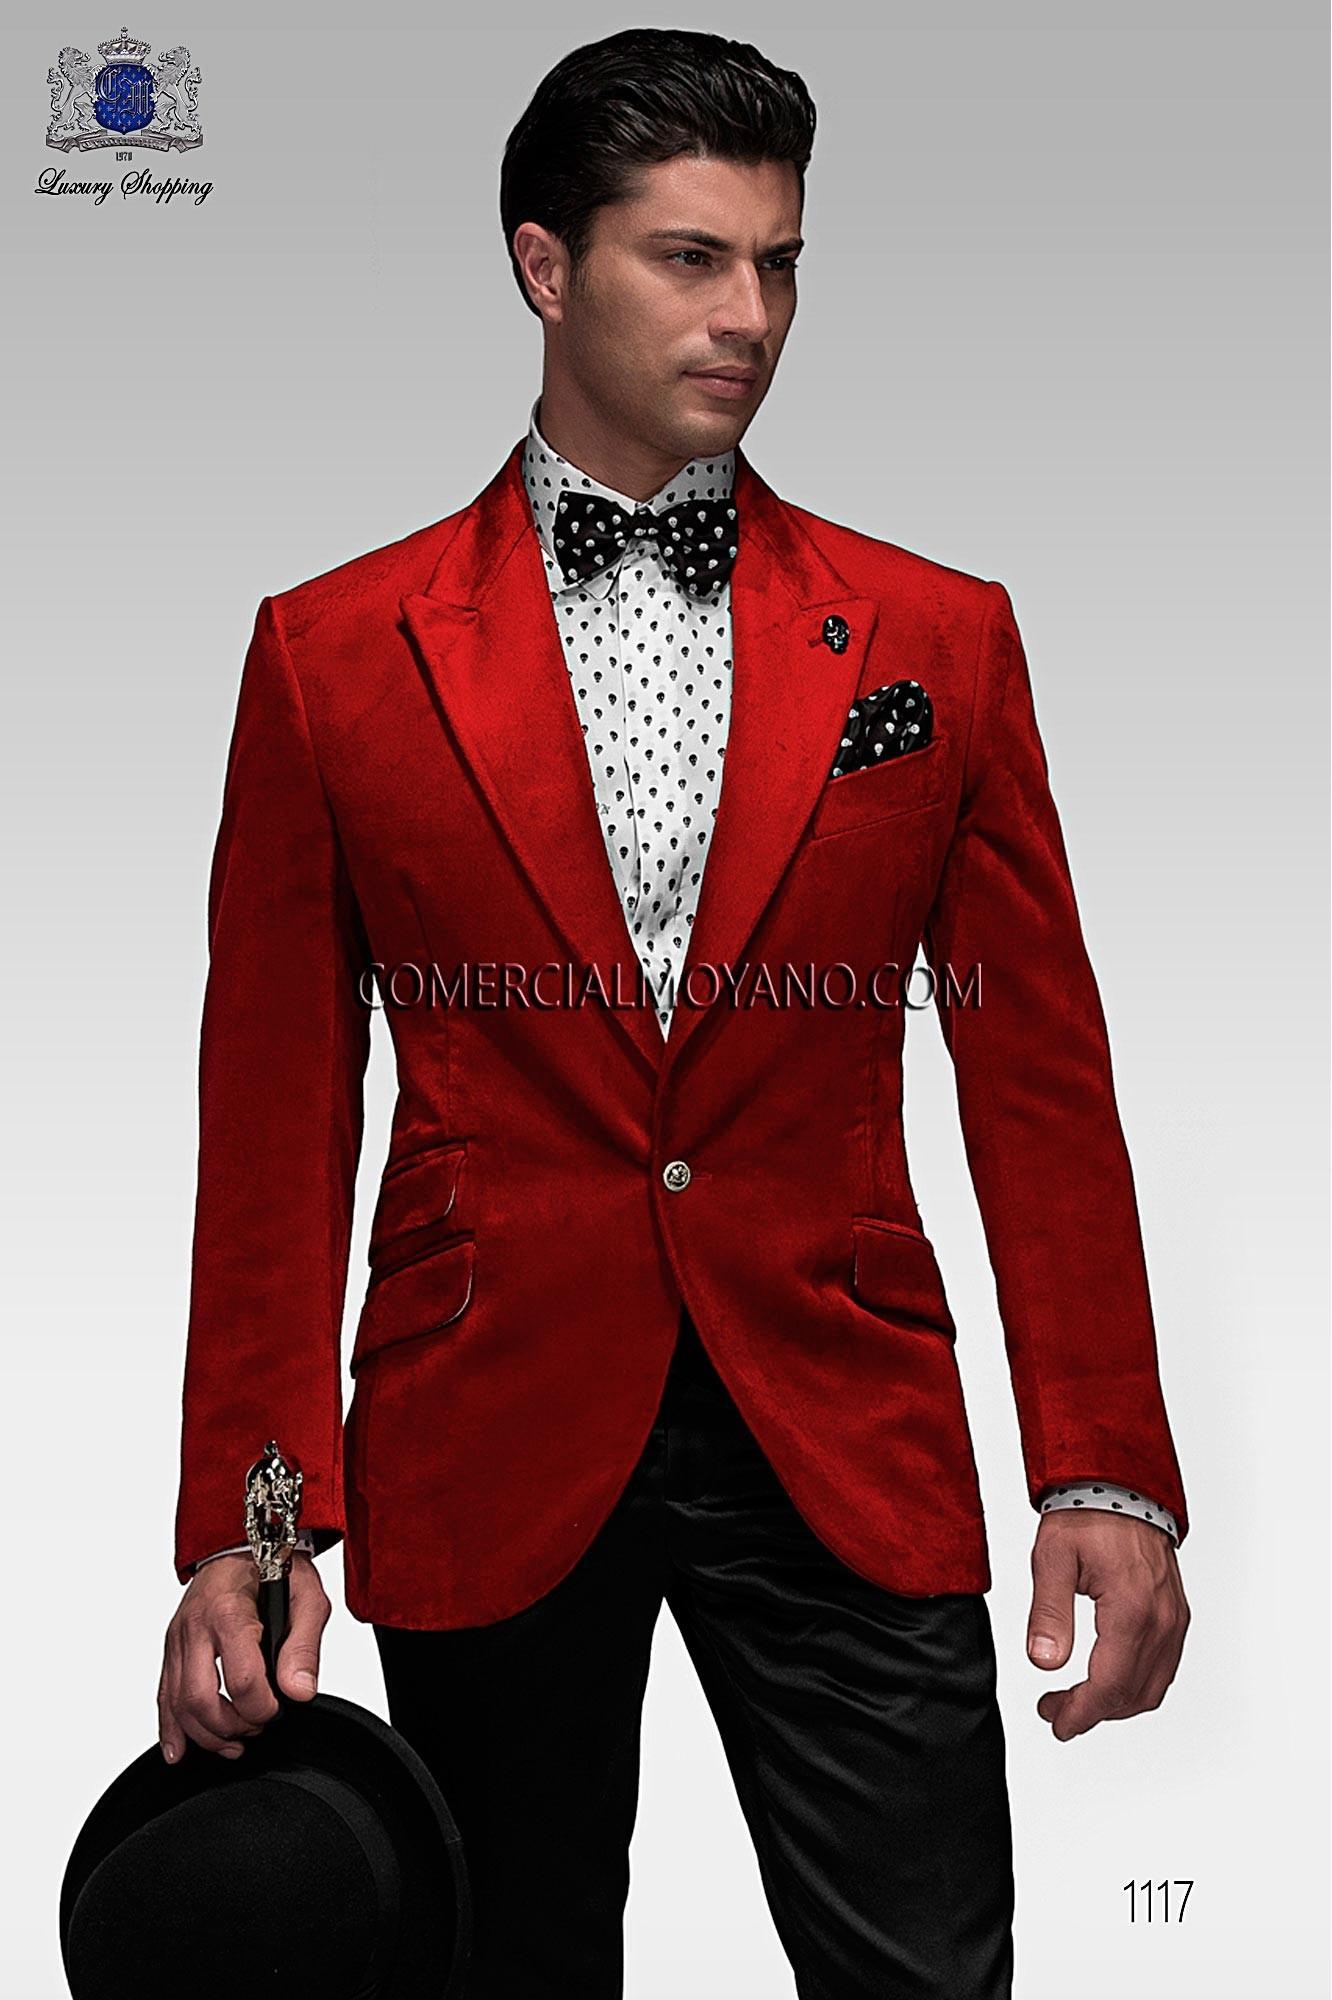 Traje Emotion de novio rojo modelo: 1117 Ottavio Nuccio Gala colección Emotion